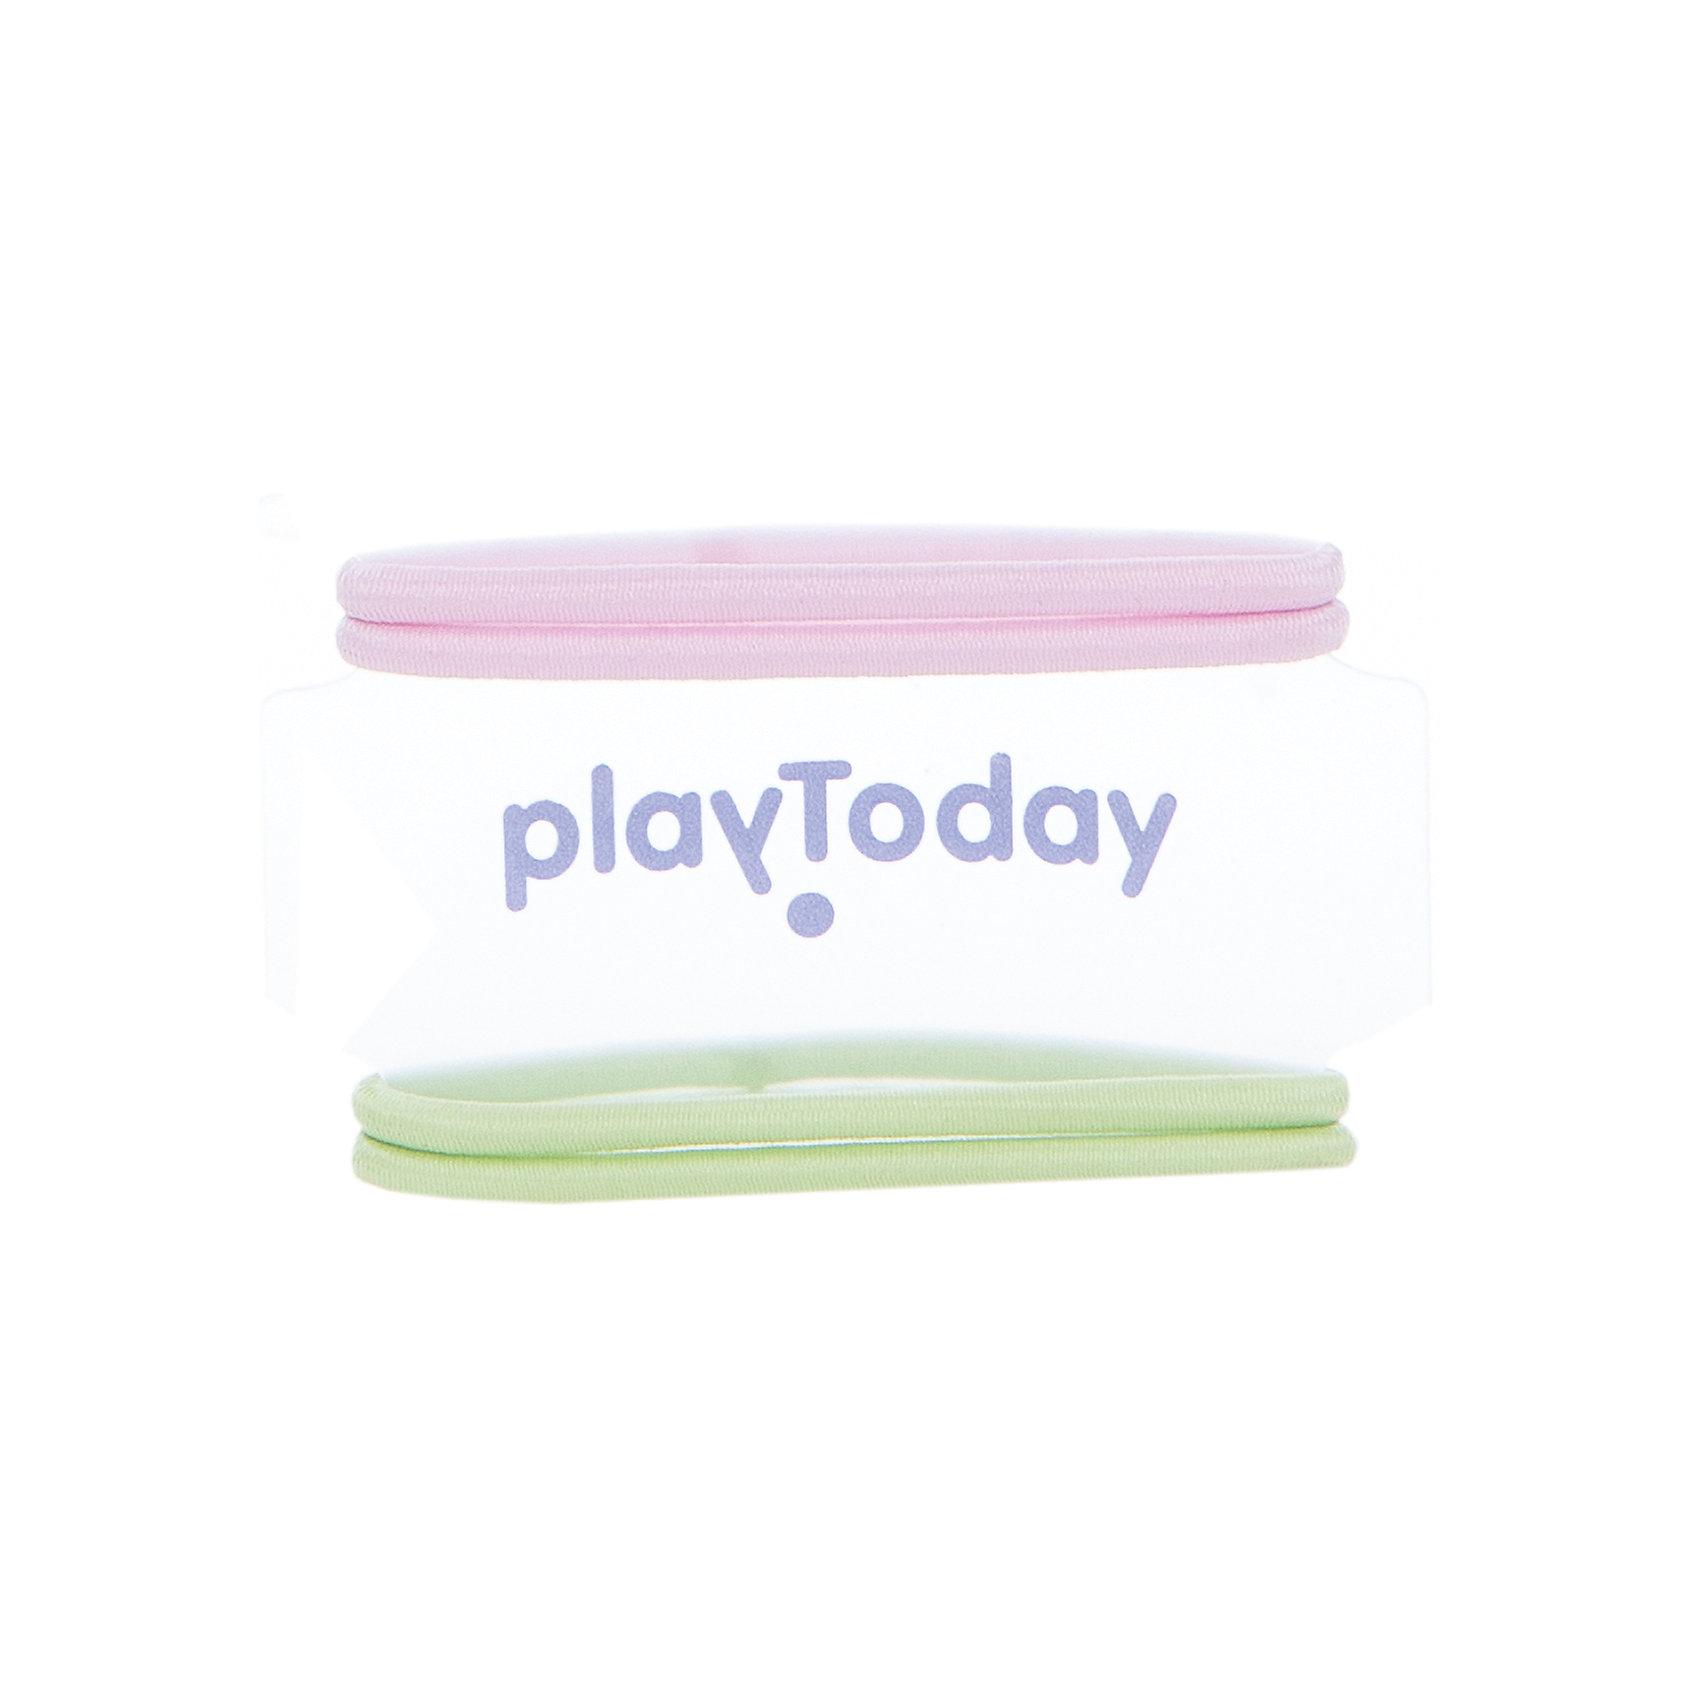 Аксессуар для волос для девочки PlayTodayАксессуар для волос для девочки PlayToday<br>Эта яркая резинка обязательно понравится Вашей моднице! Она позволит убрать непослушные волосы и украсить прическу. Надежно держится на волосах.<br>Состав:<br>95% резина, 5% металл<br><br>Ширина мм: 170<br>Глубина мм: 157<br>Высота мм: 67<br>Вес г: 117<br>Цвет: разноцветный<br>Возраст от месяцев: 60<br>Возраст до месяцев: 144<br>Пол: Женский<br>Возраст: Детский<br>Размер: one size<br>SKU: 5401861